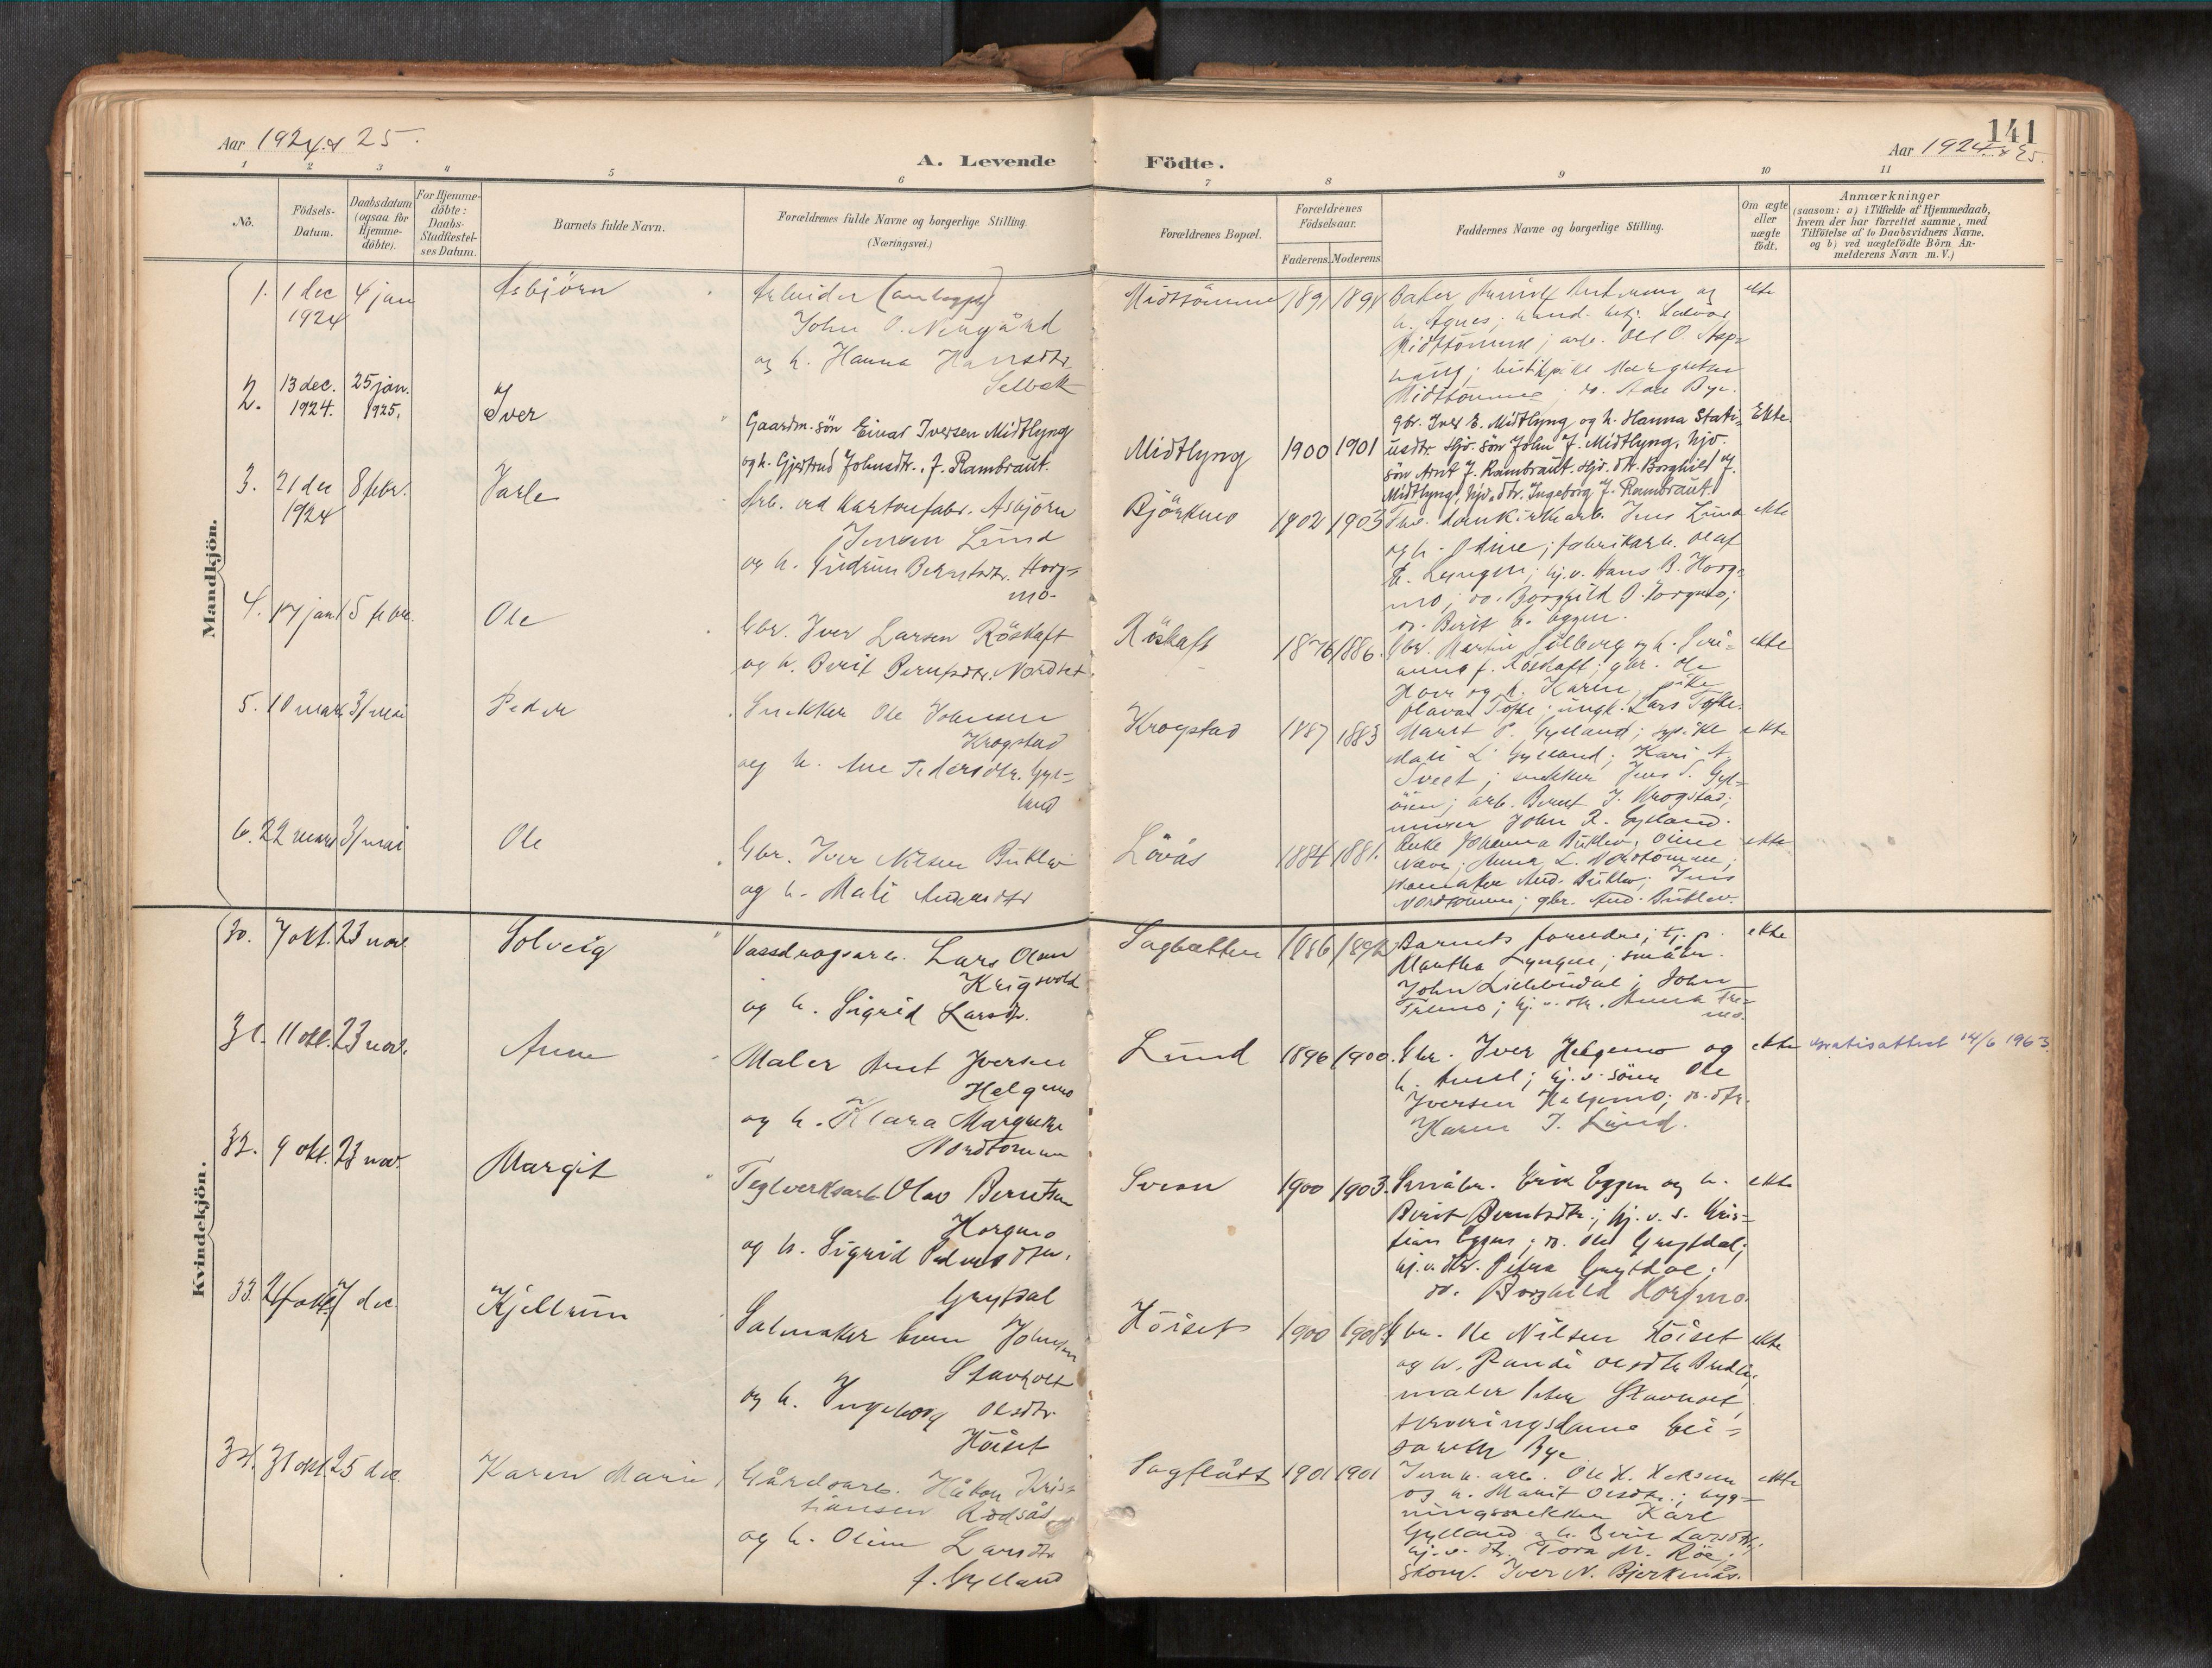 SAT, Ministerialprotokoller, klokkerbøker og fødselsregistre - Sør-Trøndelag, 692/L1105b: Ministerialbok nr. 692A06, 1891-1934, s. 141